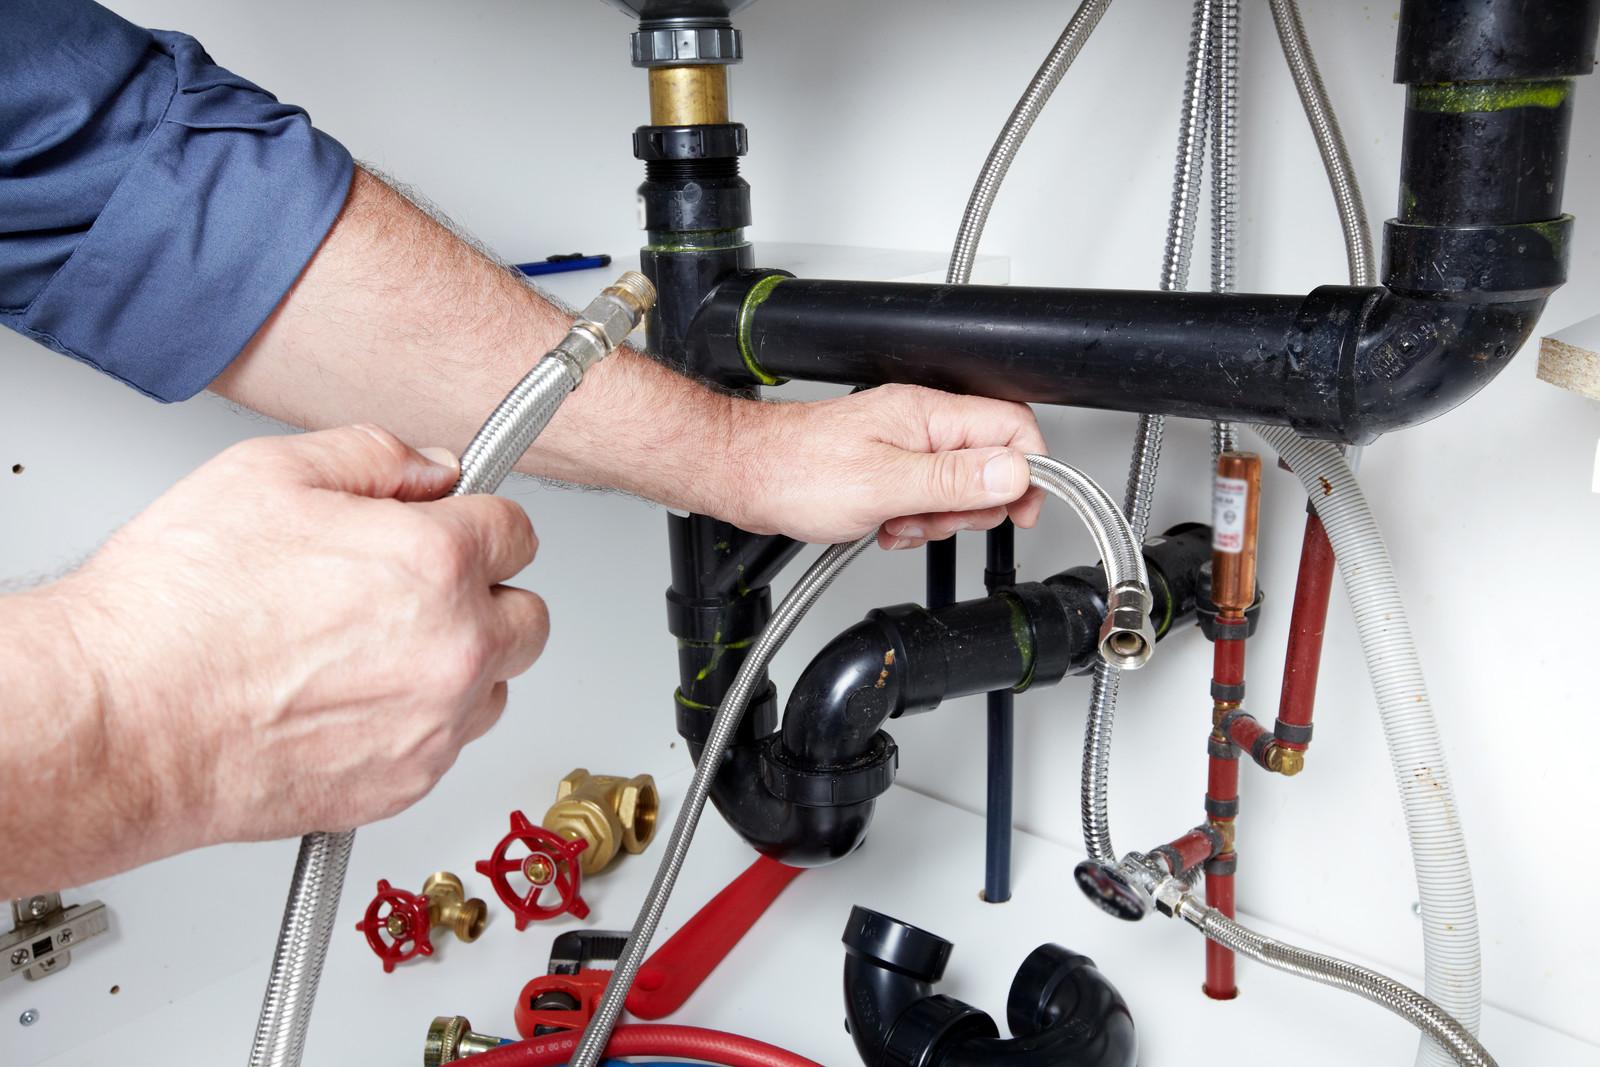 Veendam installatiebedrijf cv ketel onderhoud